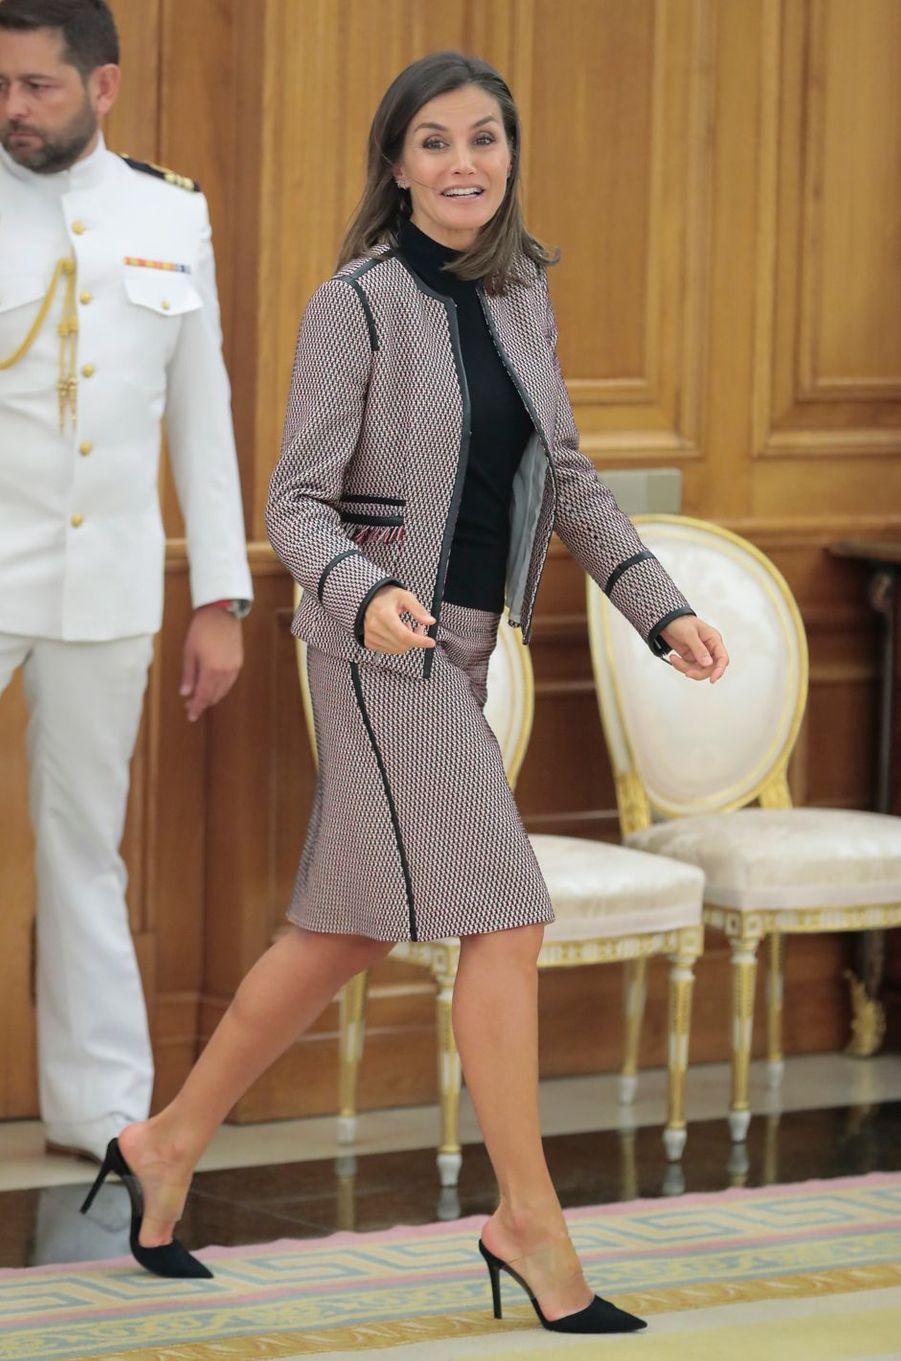 La reine Letizia d'Espagne dans un tailleur Hugo Boss à Madrid, le 26 septembre 2018